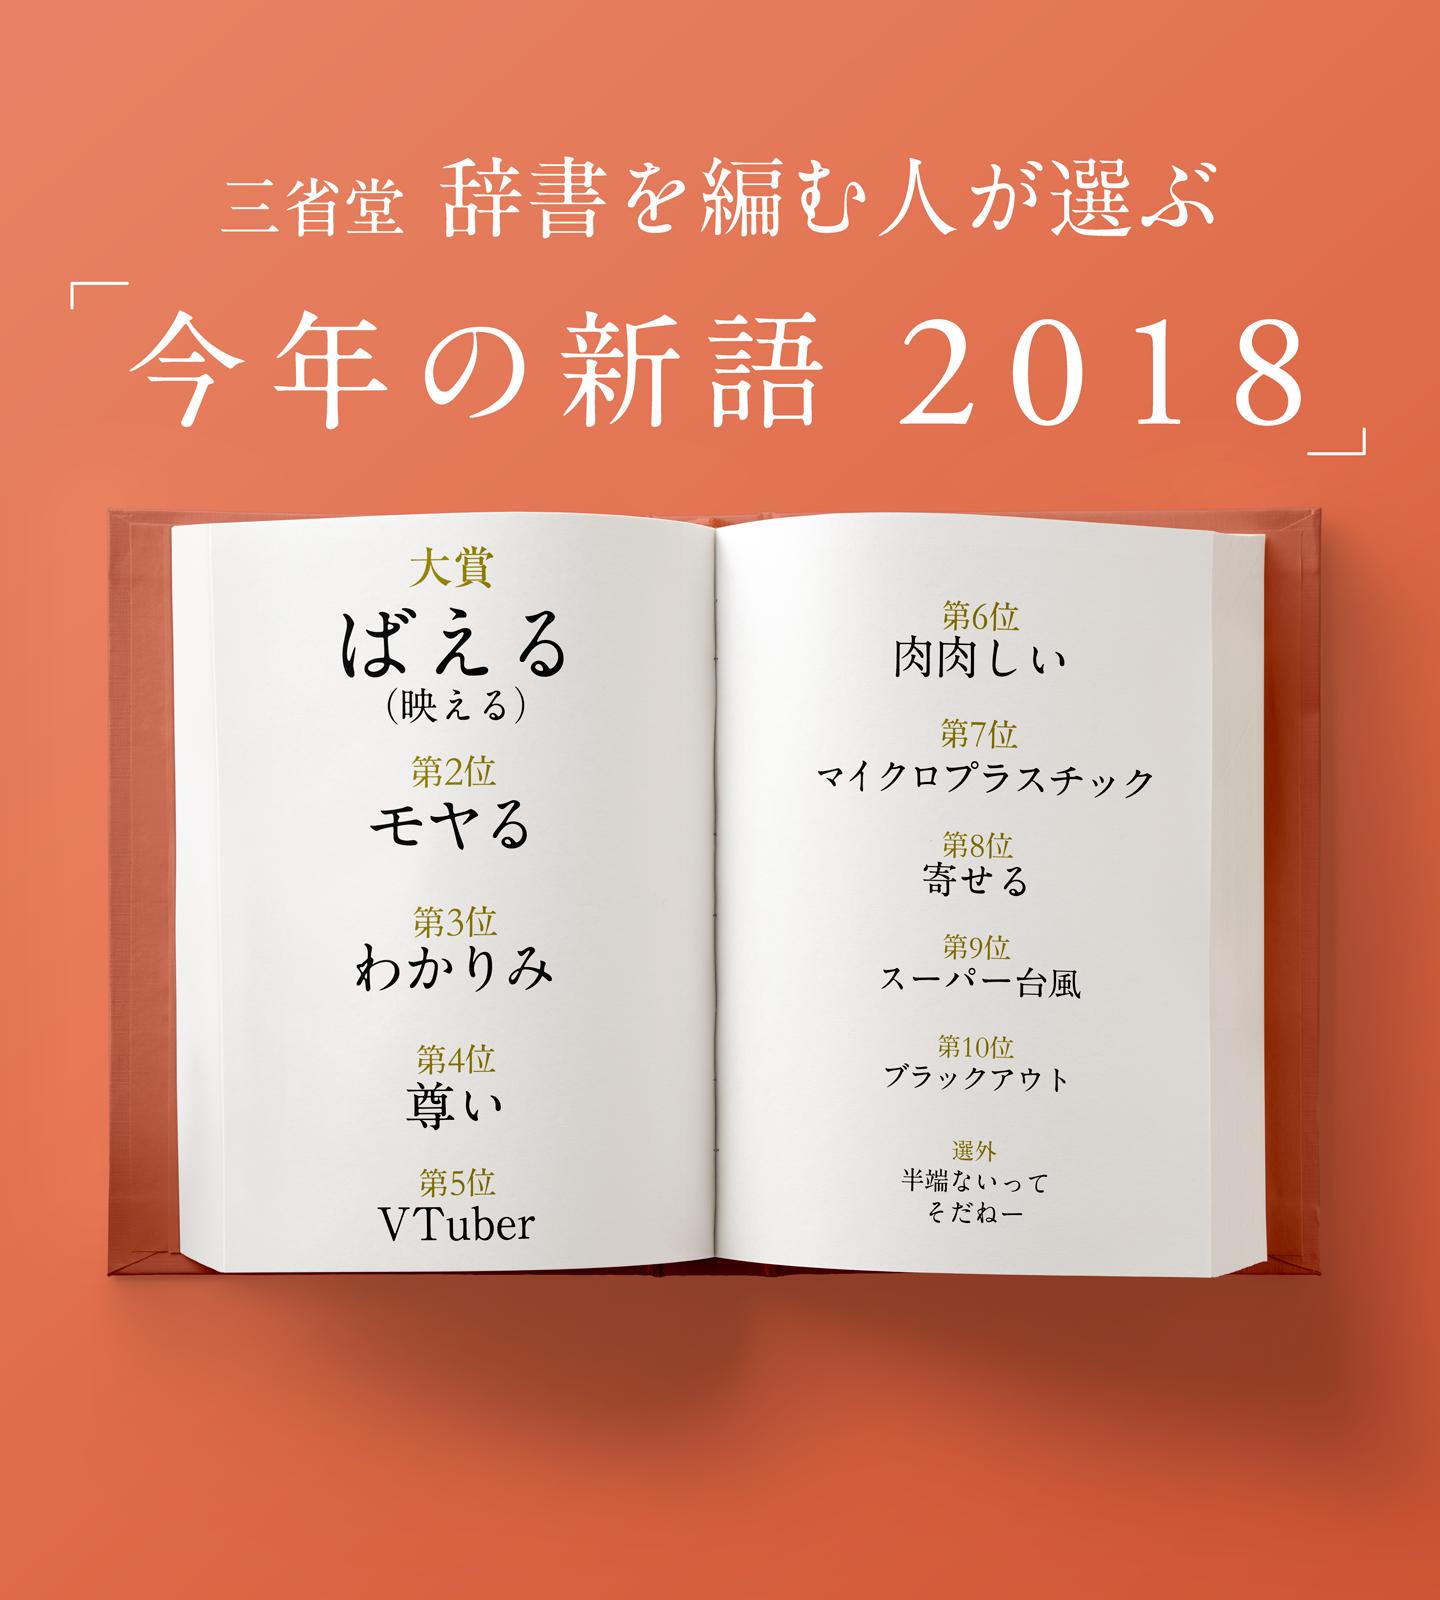 三省堂 辞書を編む人が選ぶ「今年の新語2018」ベスト10決定